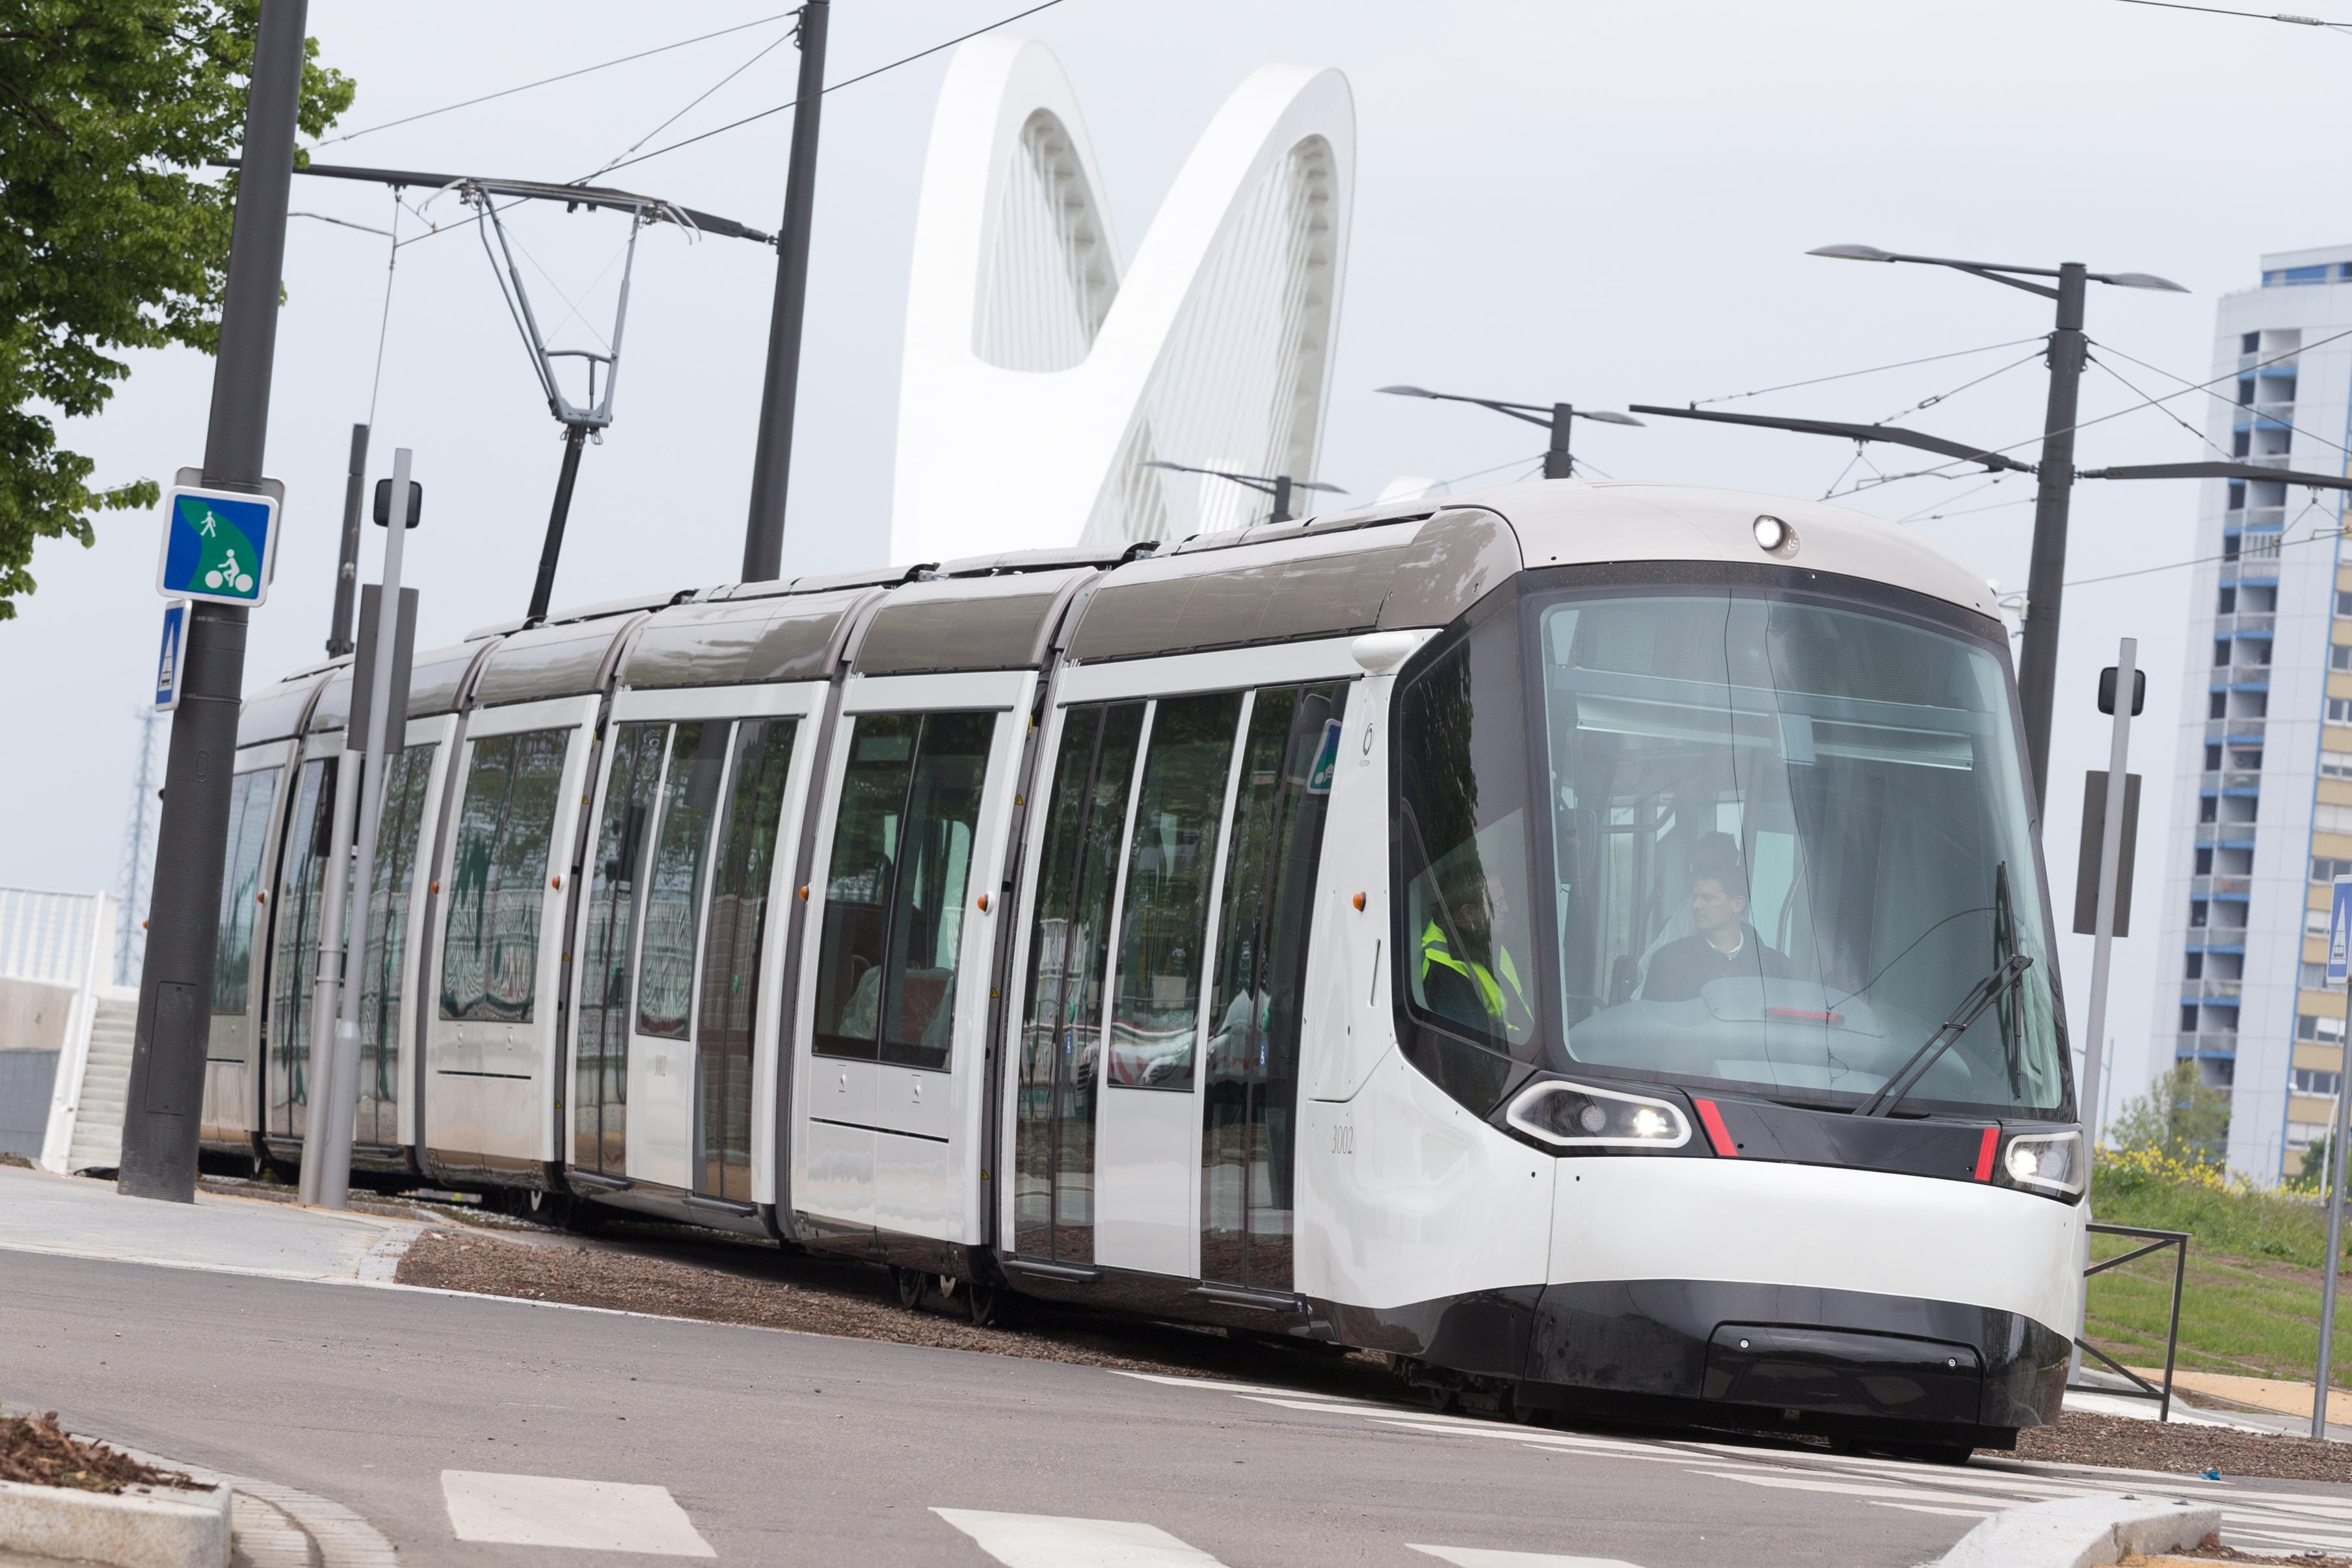 Le nouveau tram de strasbourg dessin par peugeot for K architecture strasbourg